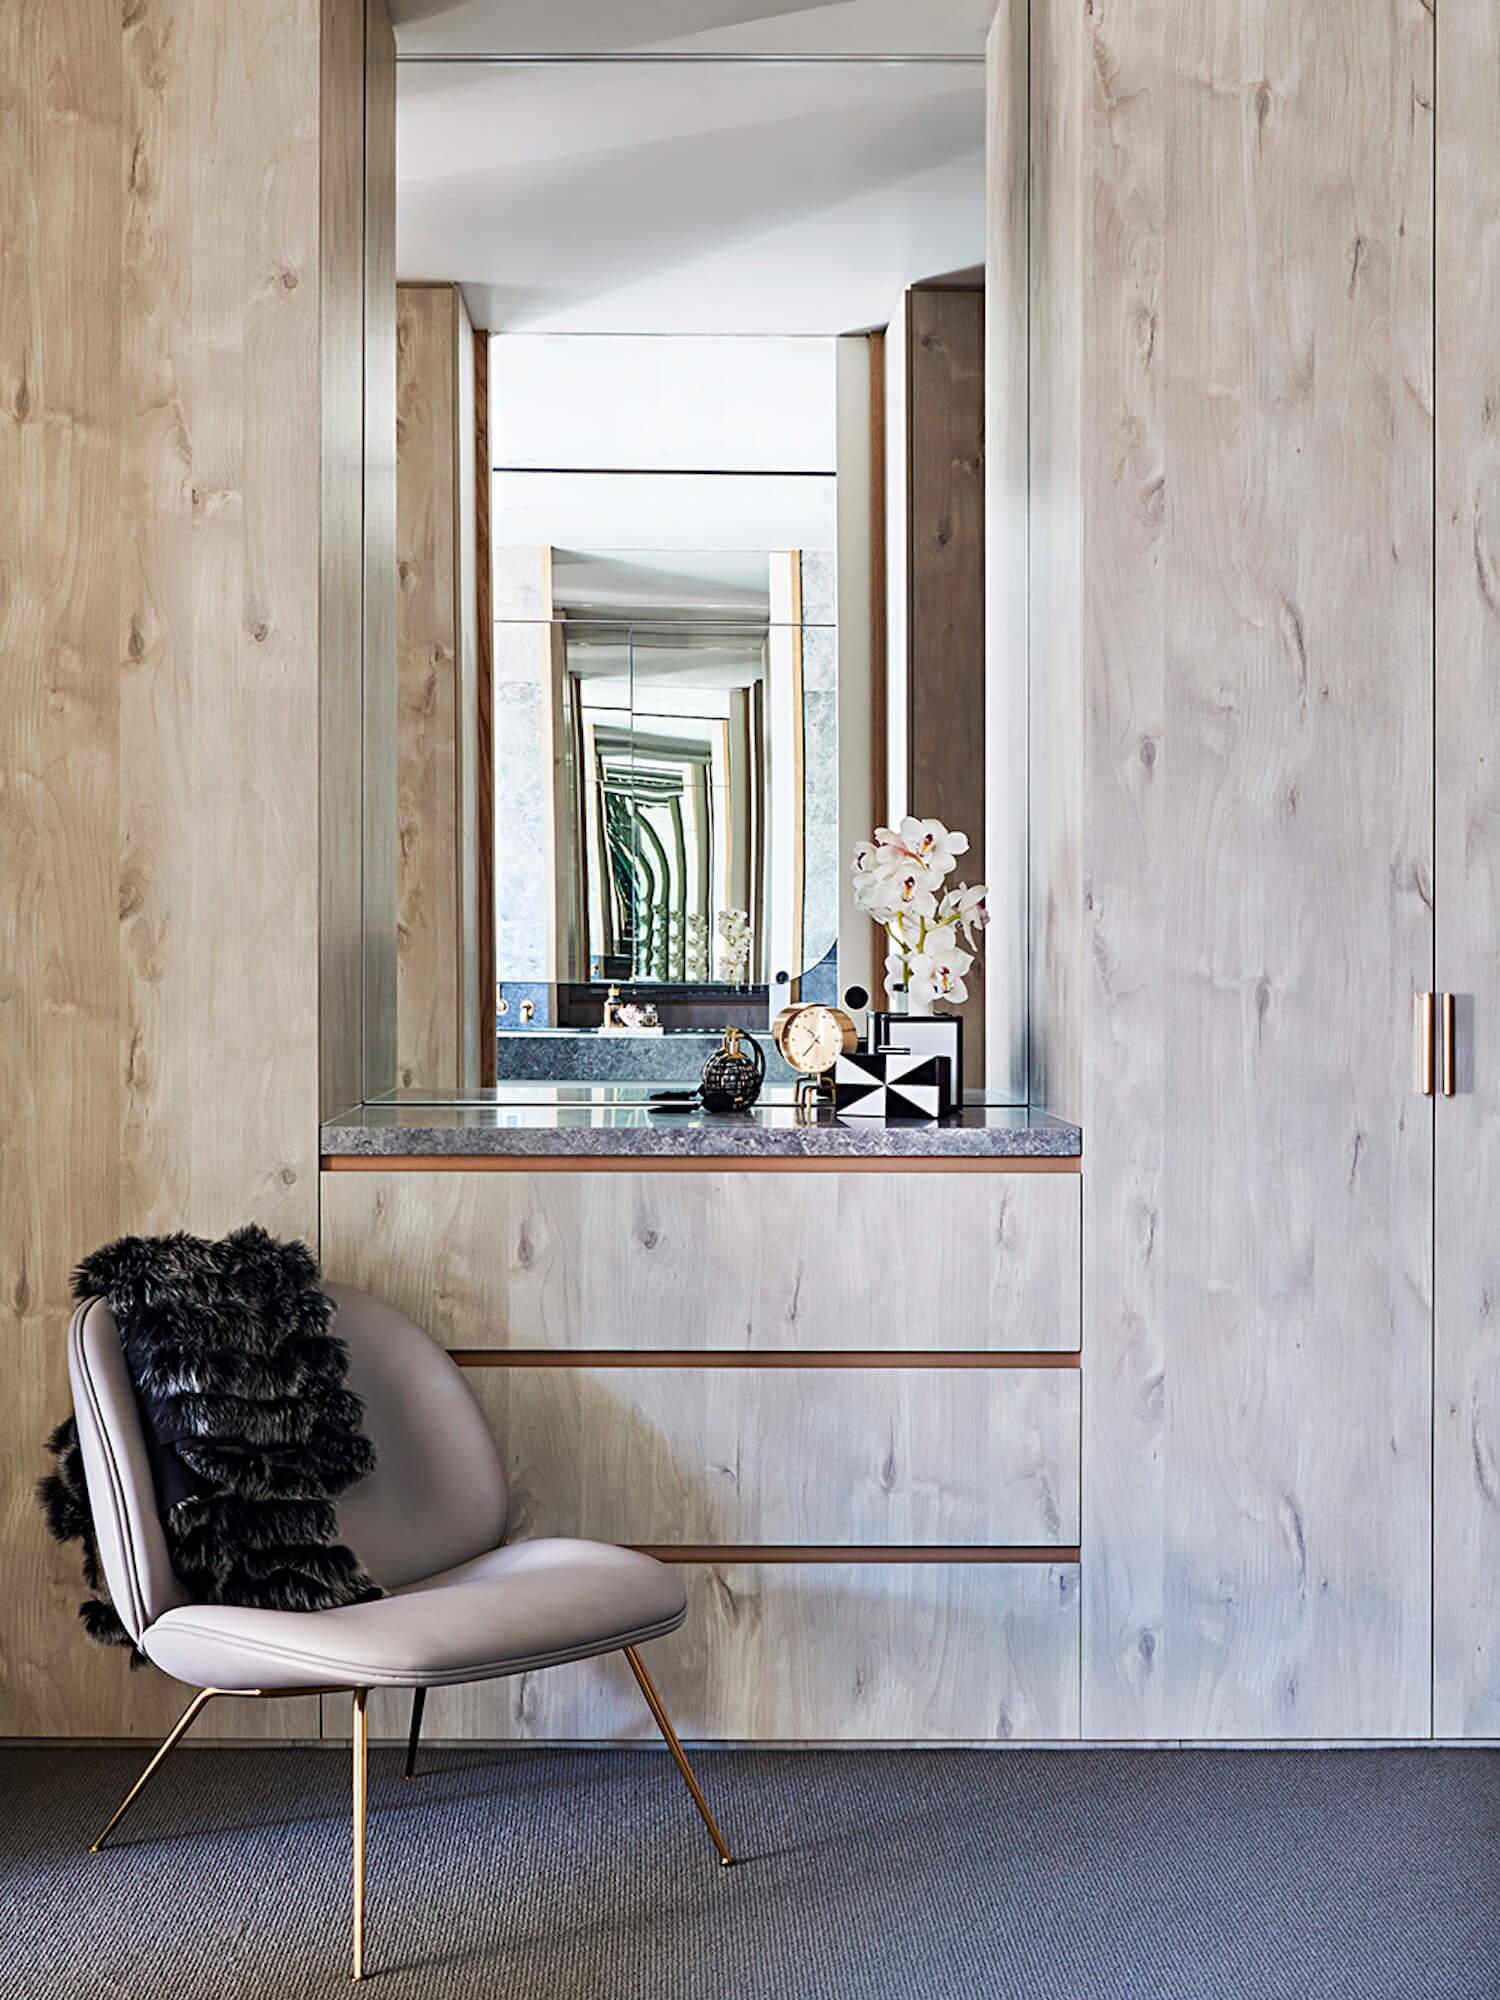 灰色木纹定制衣柜带梳妆台